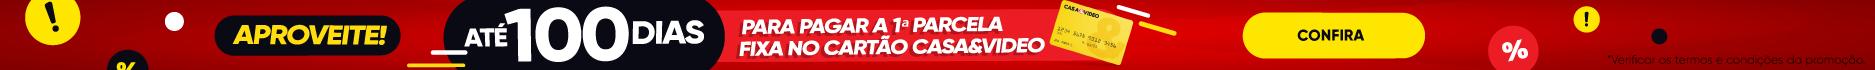 preHeader-promo-cartao